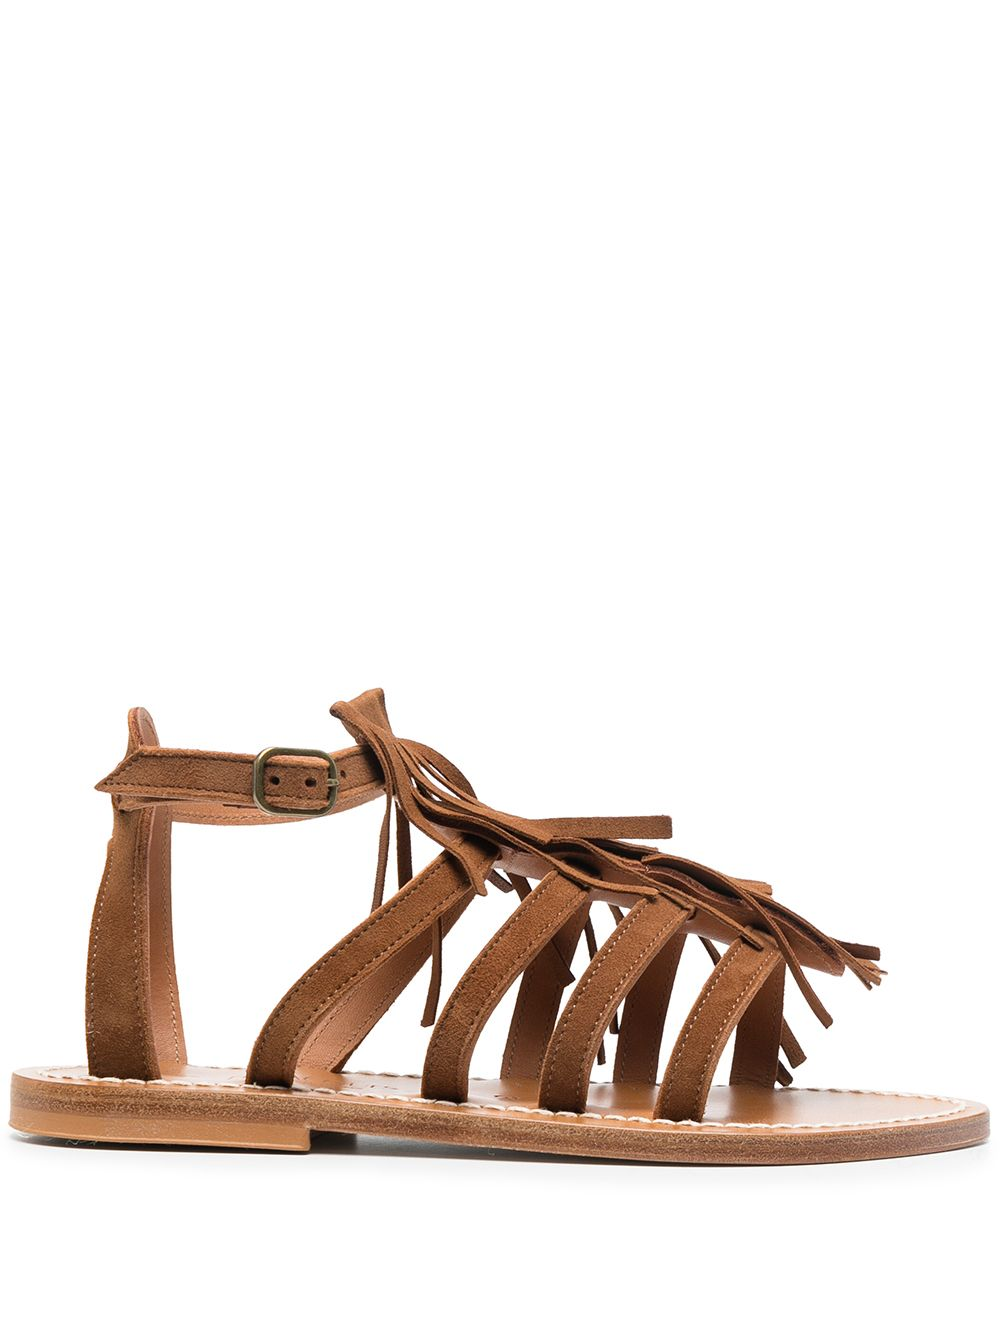 <p class='small-title'>K. JACQUES</p>Fregate Sandals